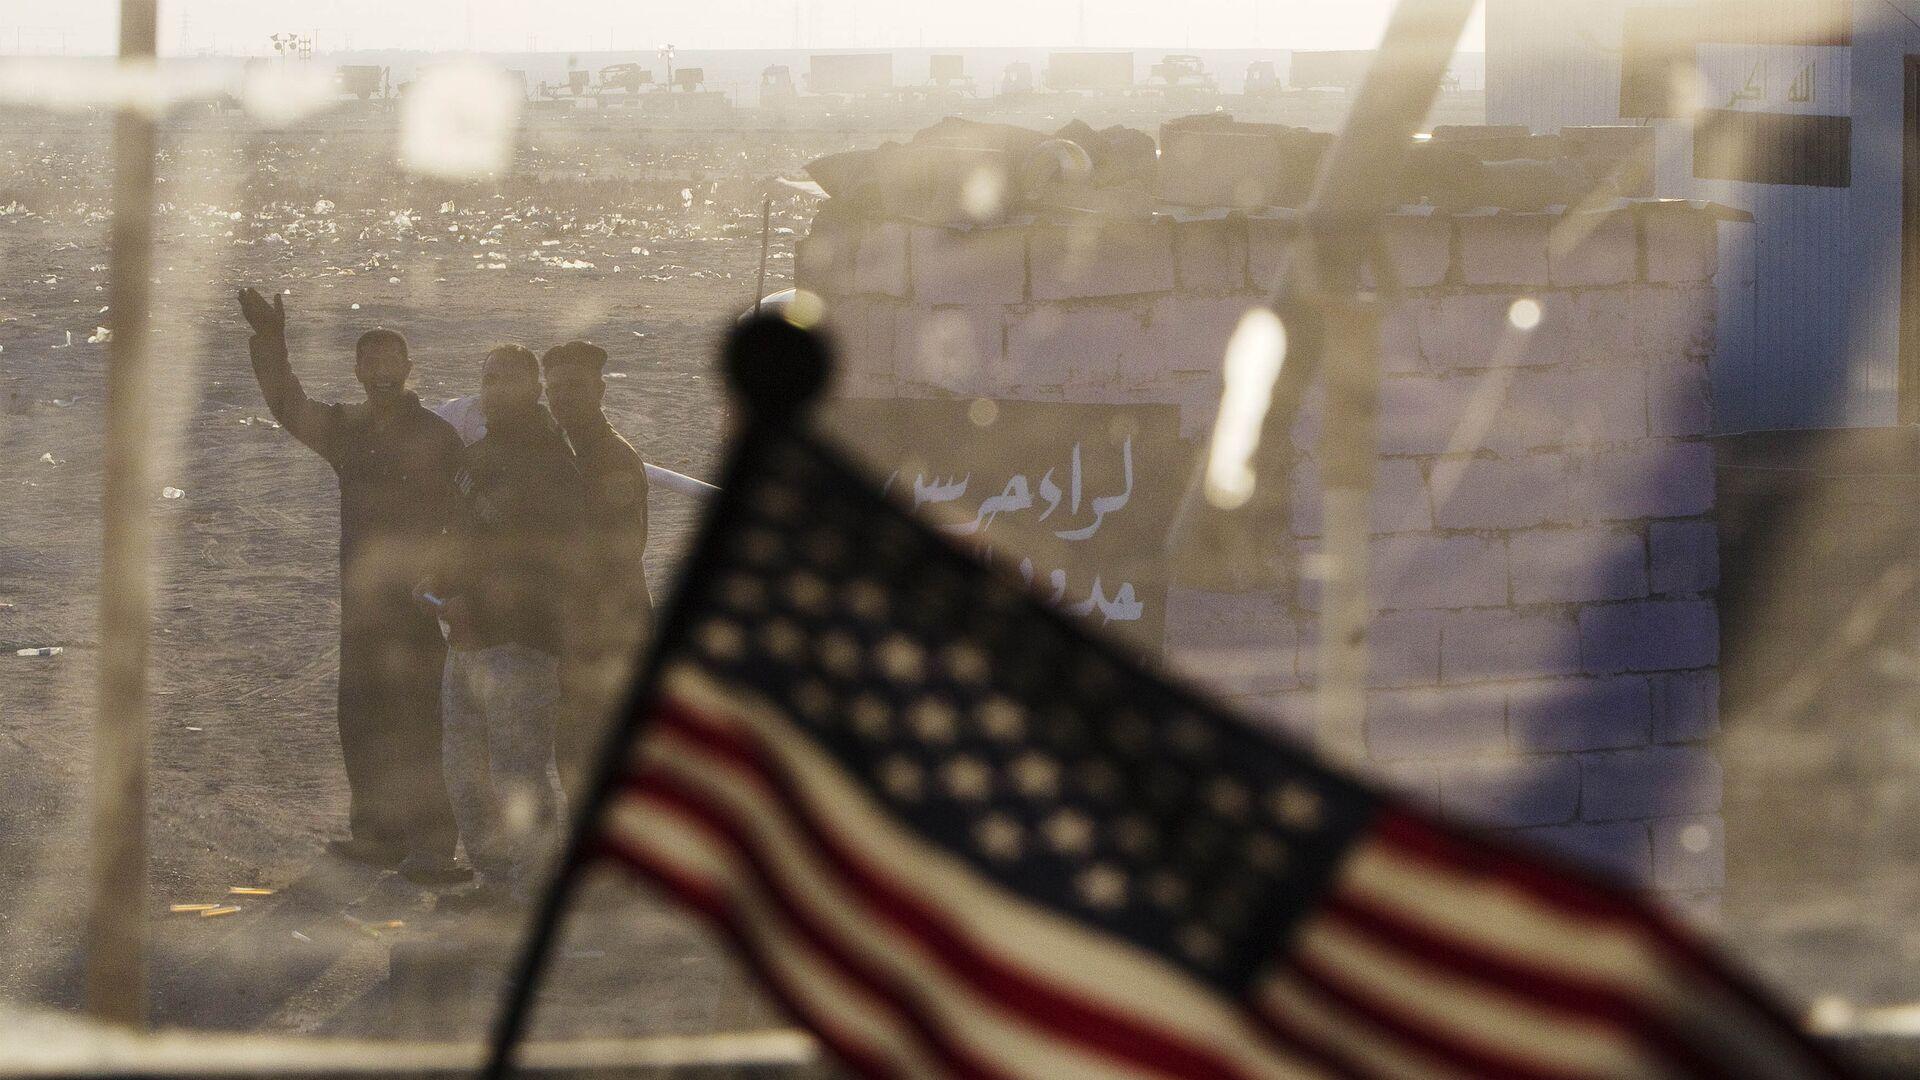 La bandera de EEUU en Irak (archivo) - Sputnik Mundo, 1920, 09.03.2021